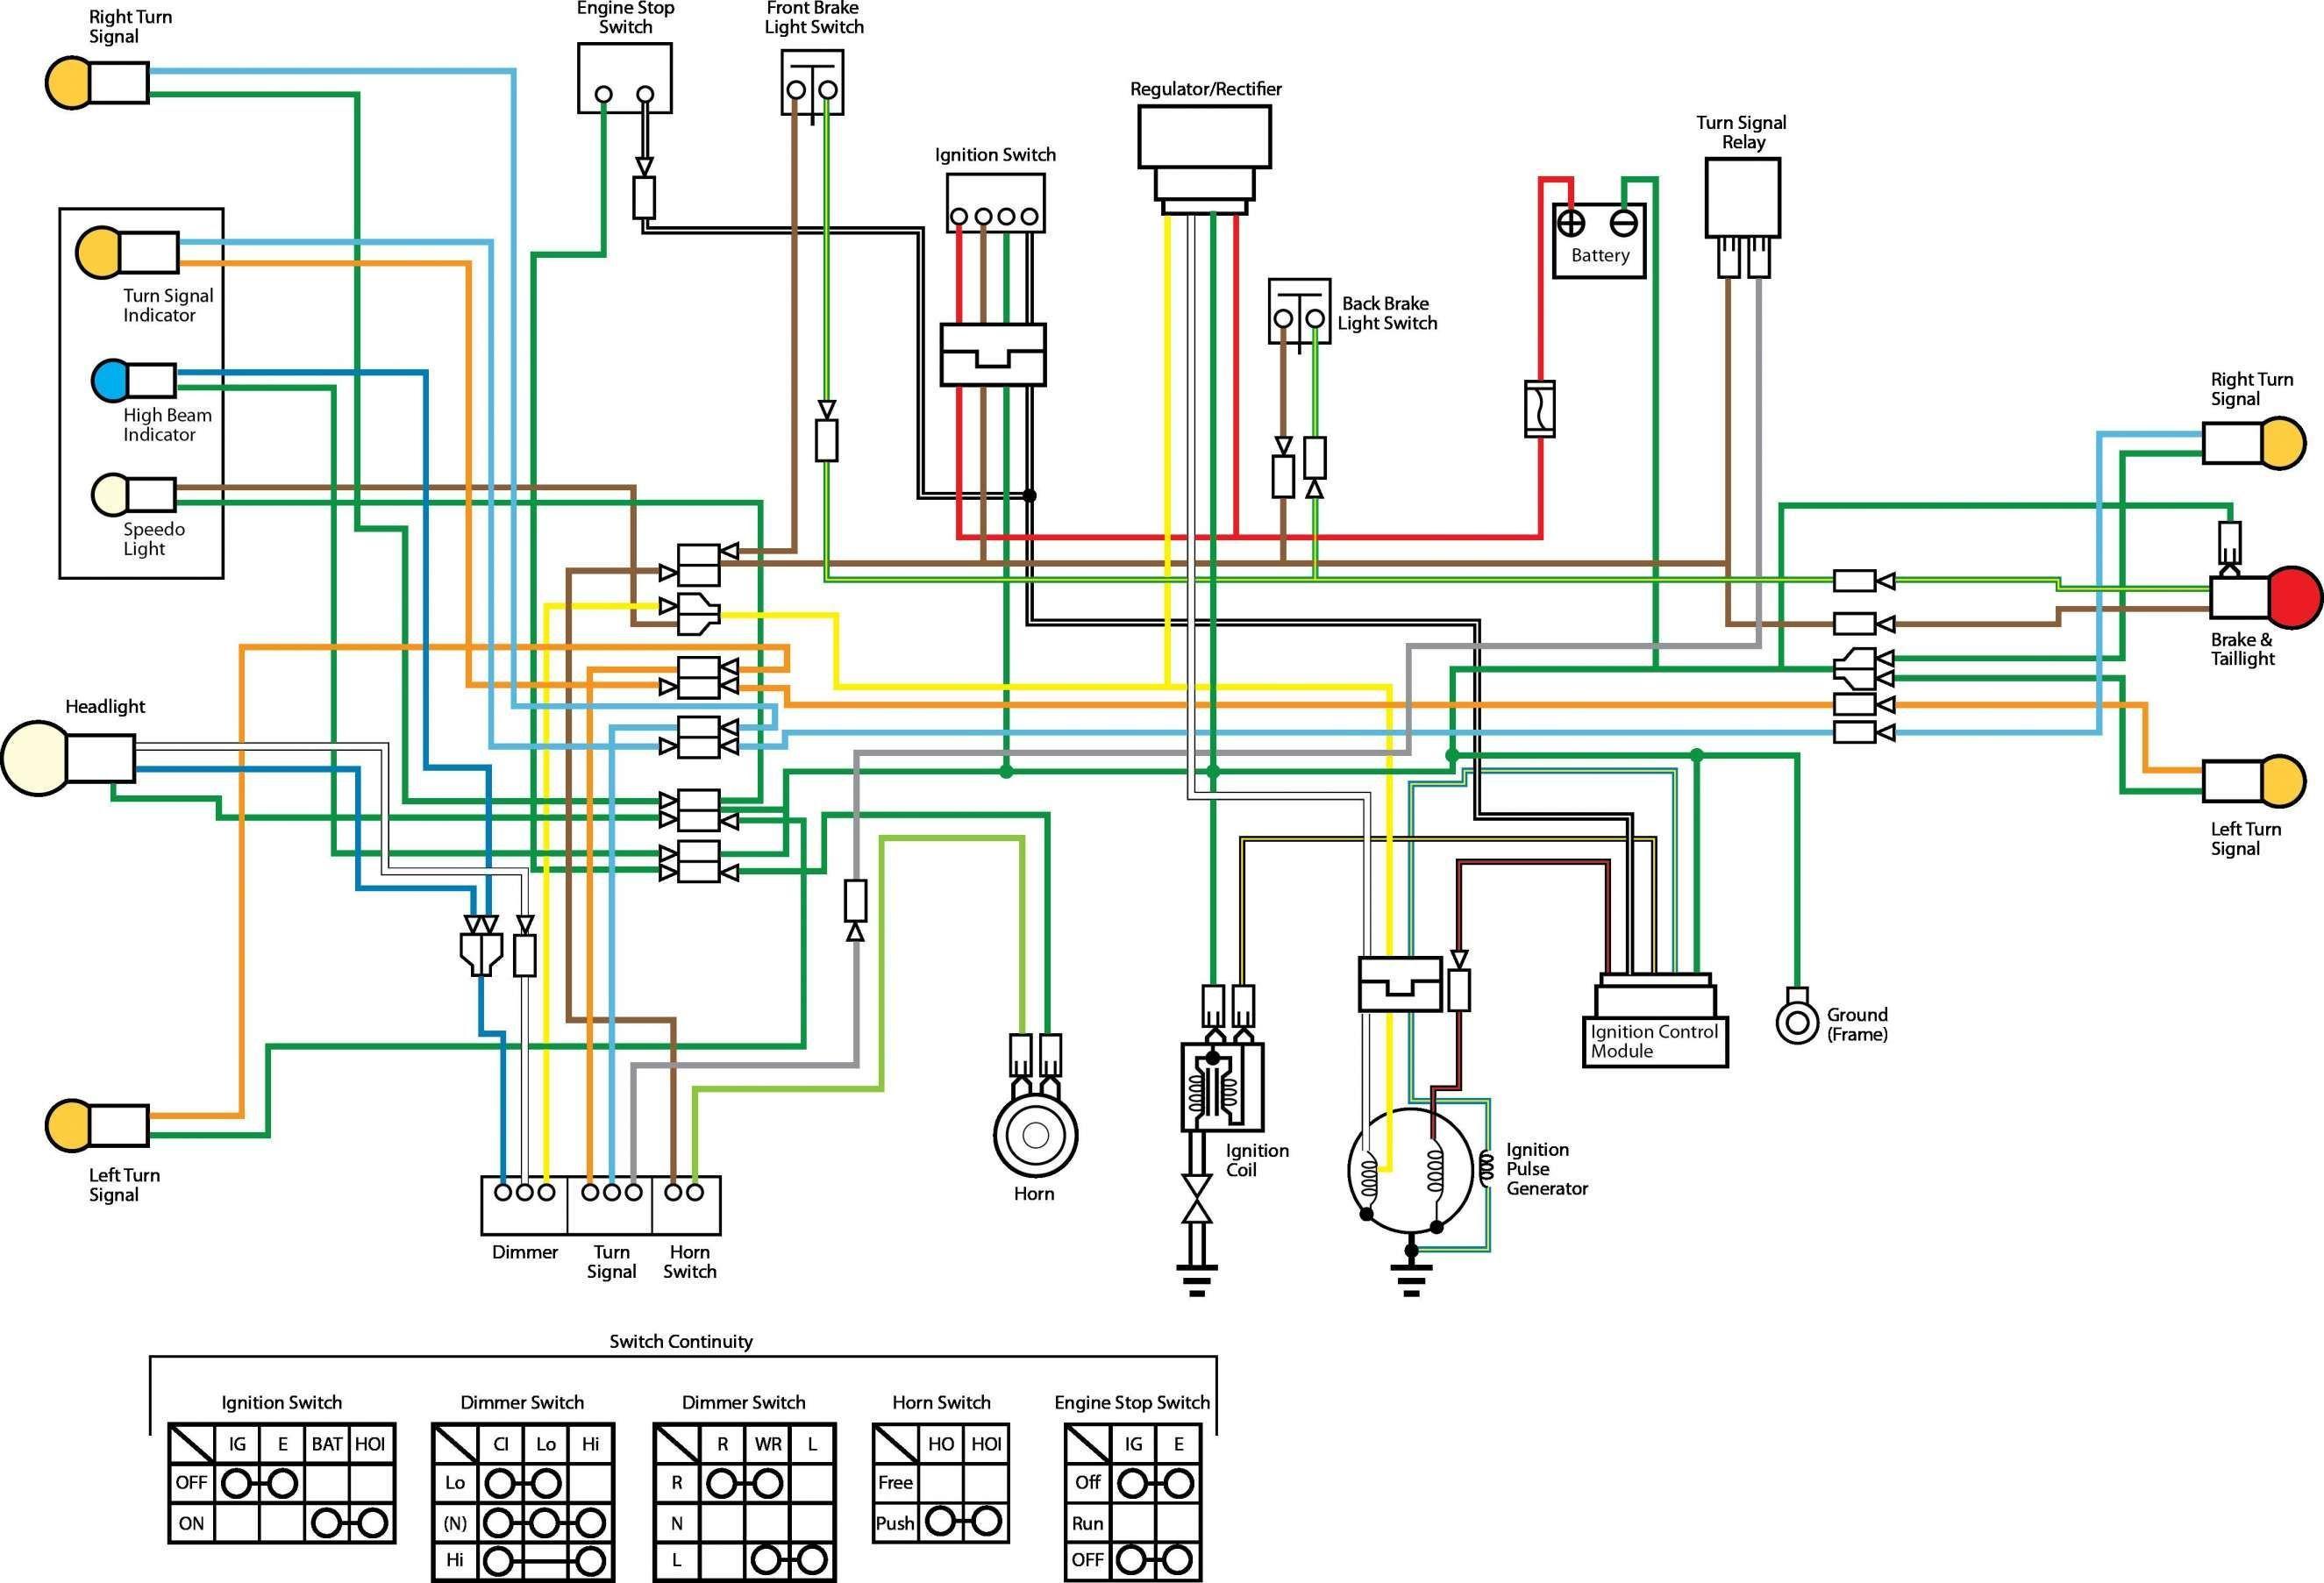 12+ Honda Wave 100 Motorcycle Wiring Diagram in 2020